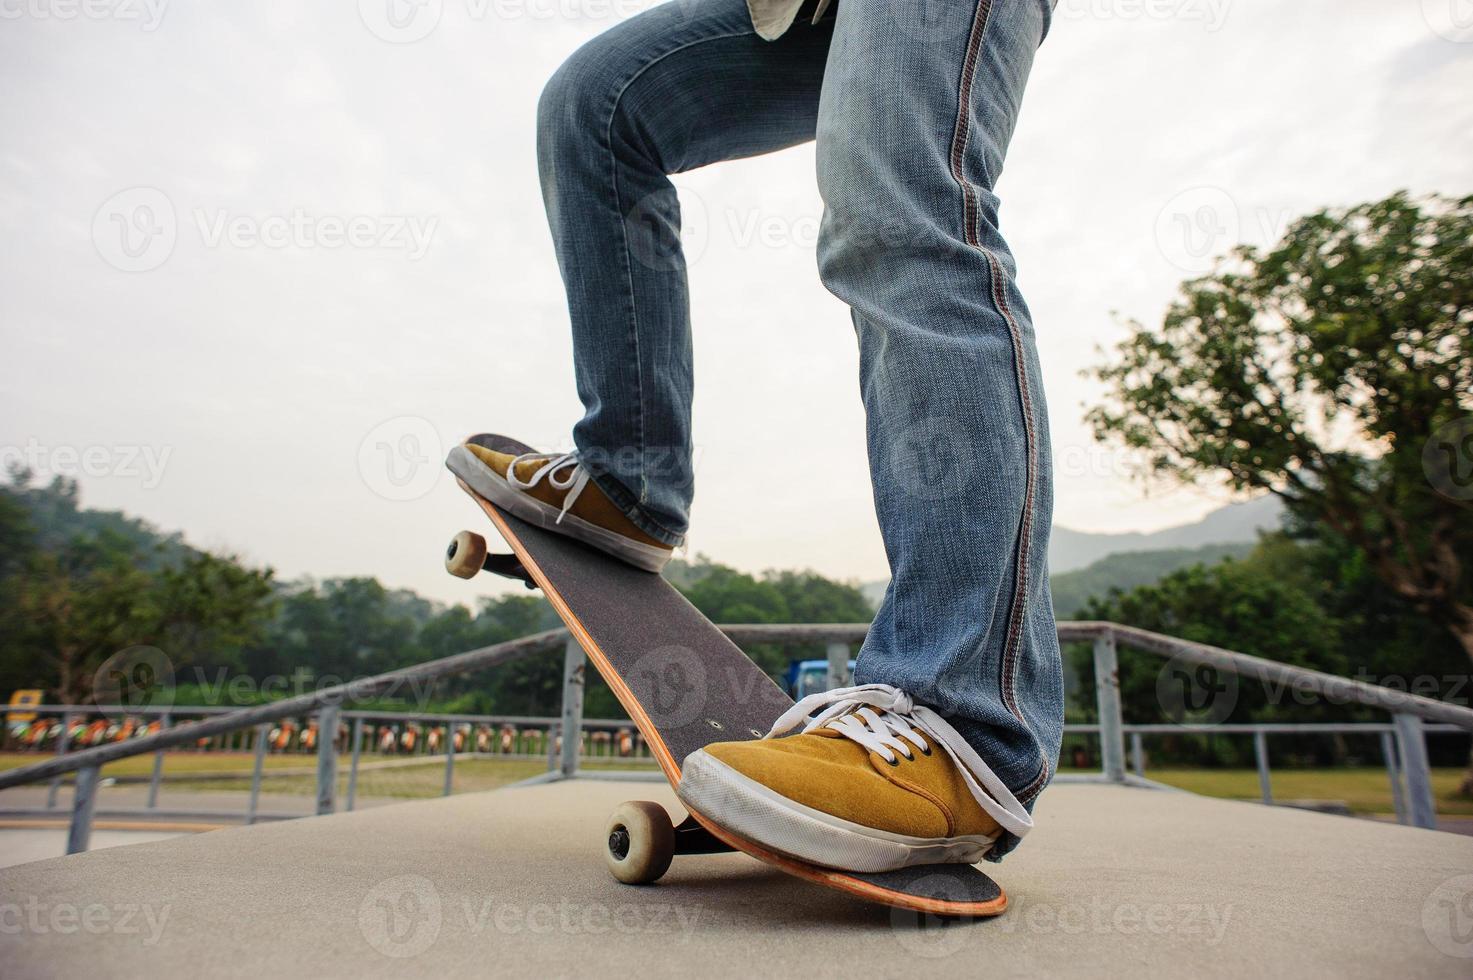 skateboarder cavalcando skateboard presso skatepark foto